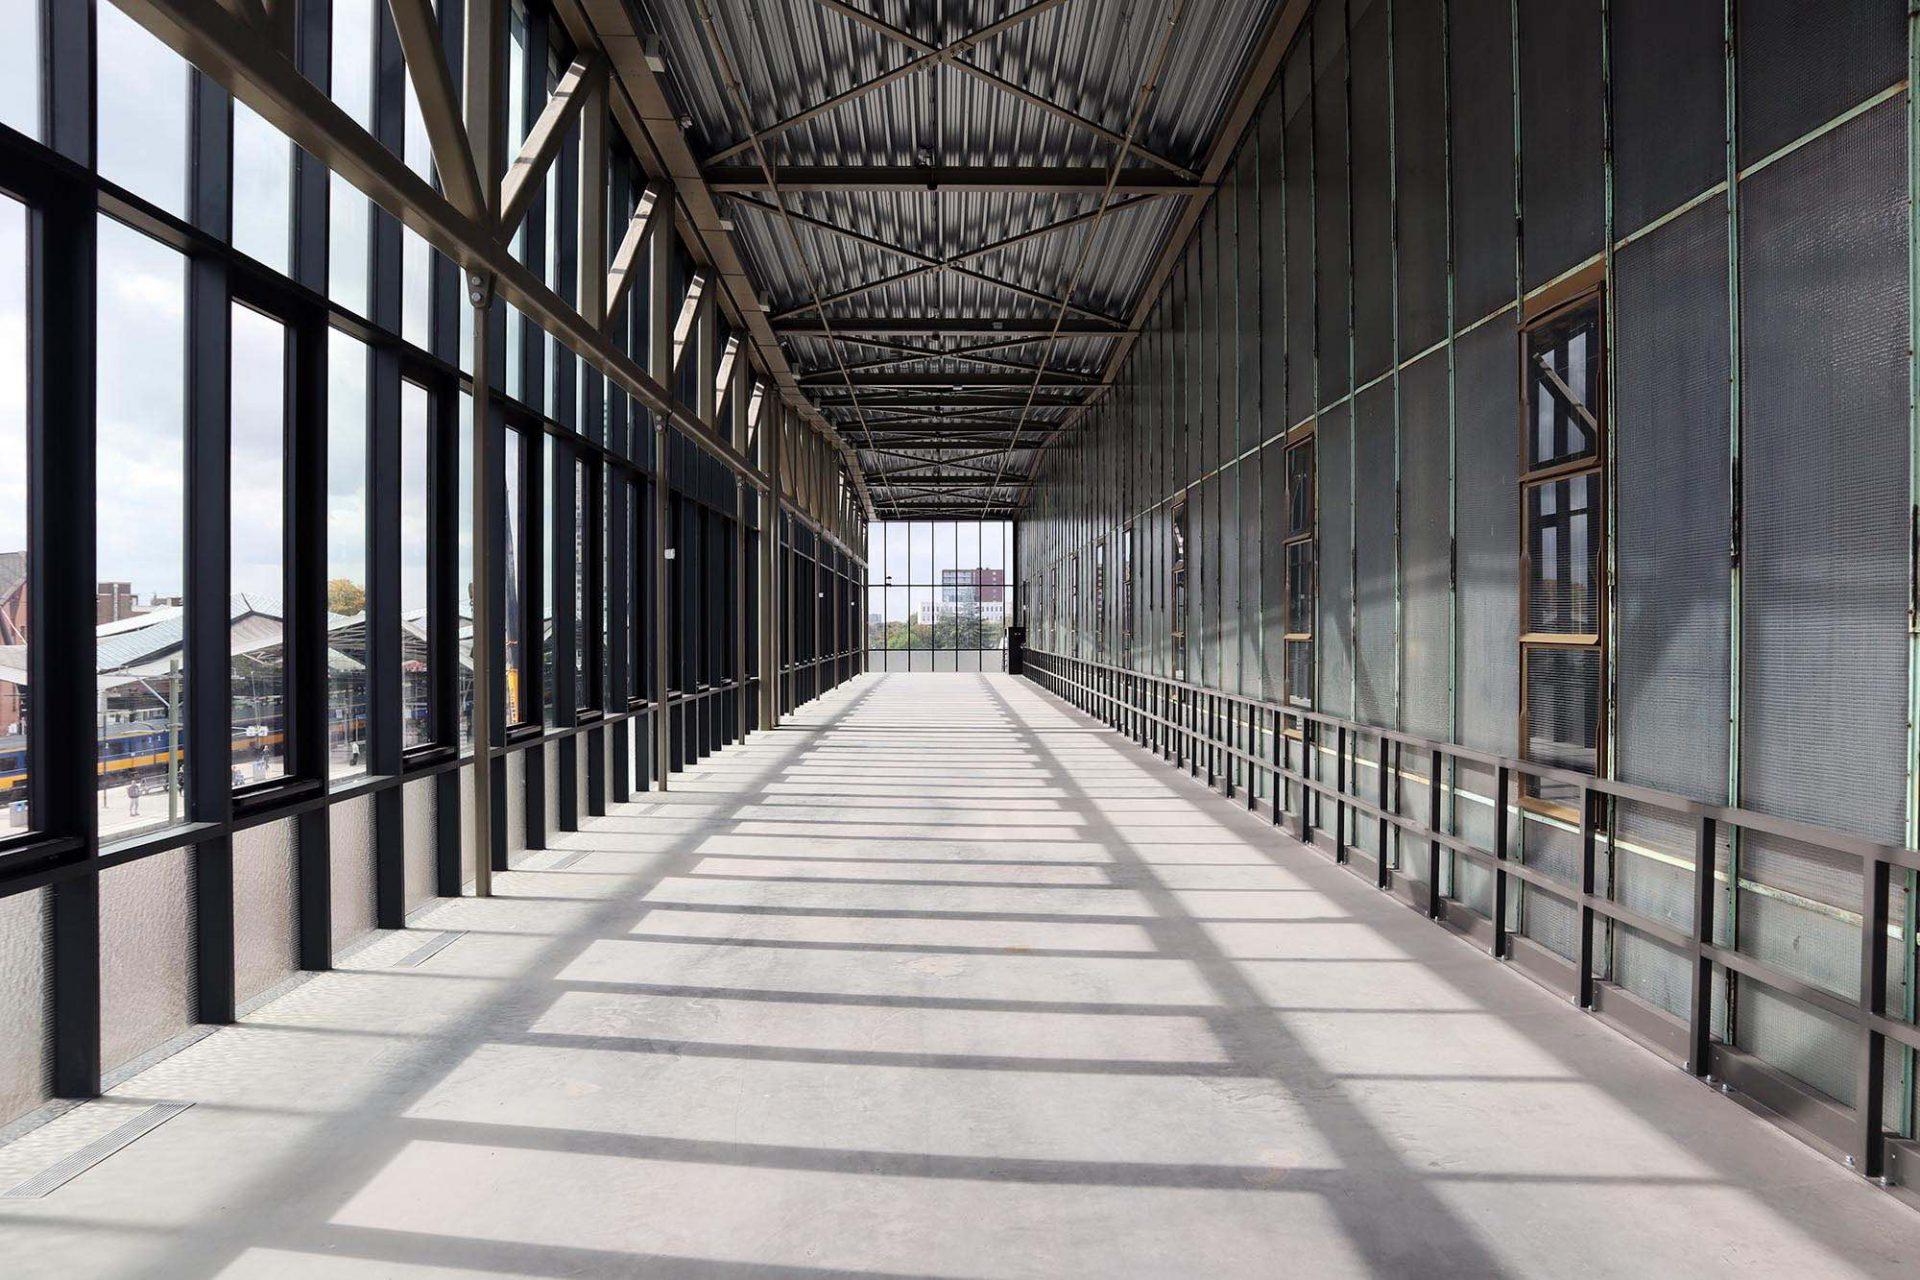 LocHal. Vor die Hauptansicht setzten die Architekten einen gläsernen Anbau, der den Haupteingang überdacht und für wechselnde Veranstaltungen genutzt werden kann.